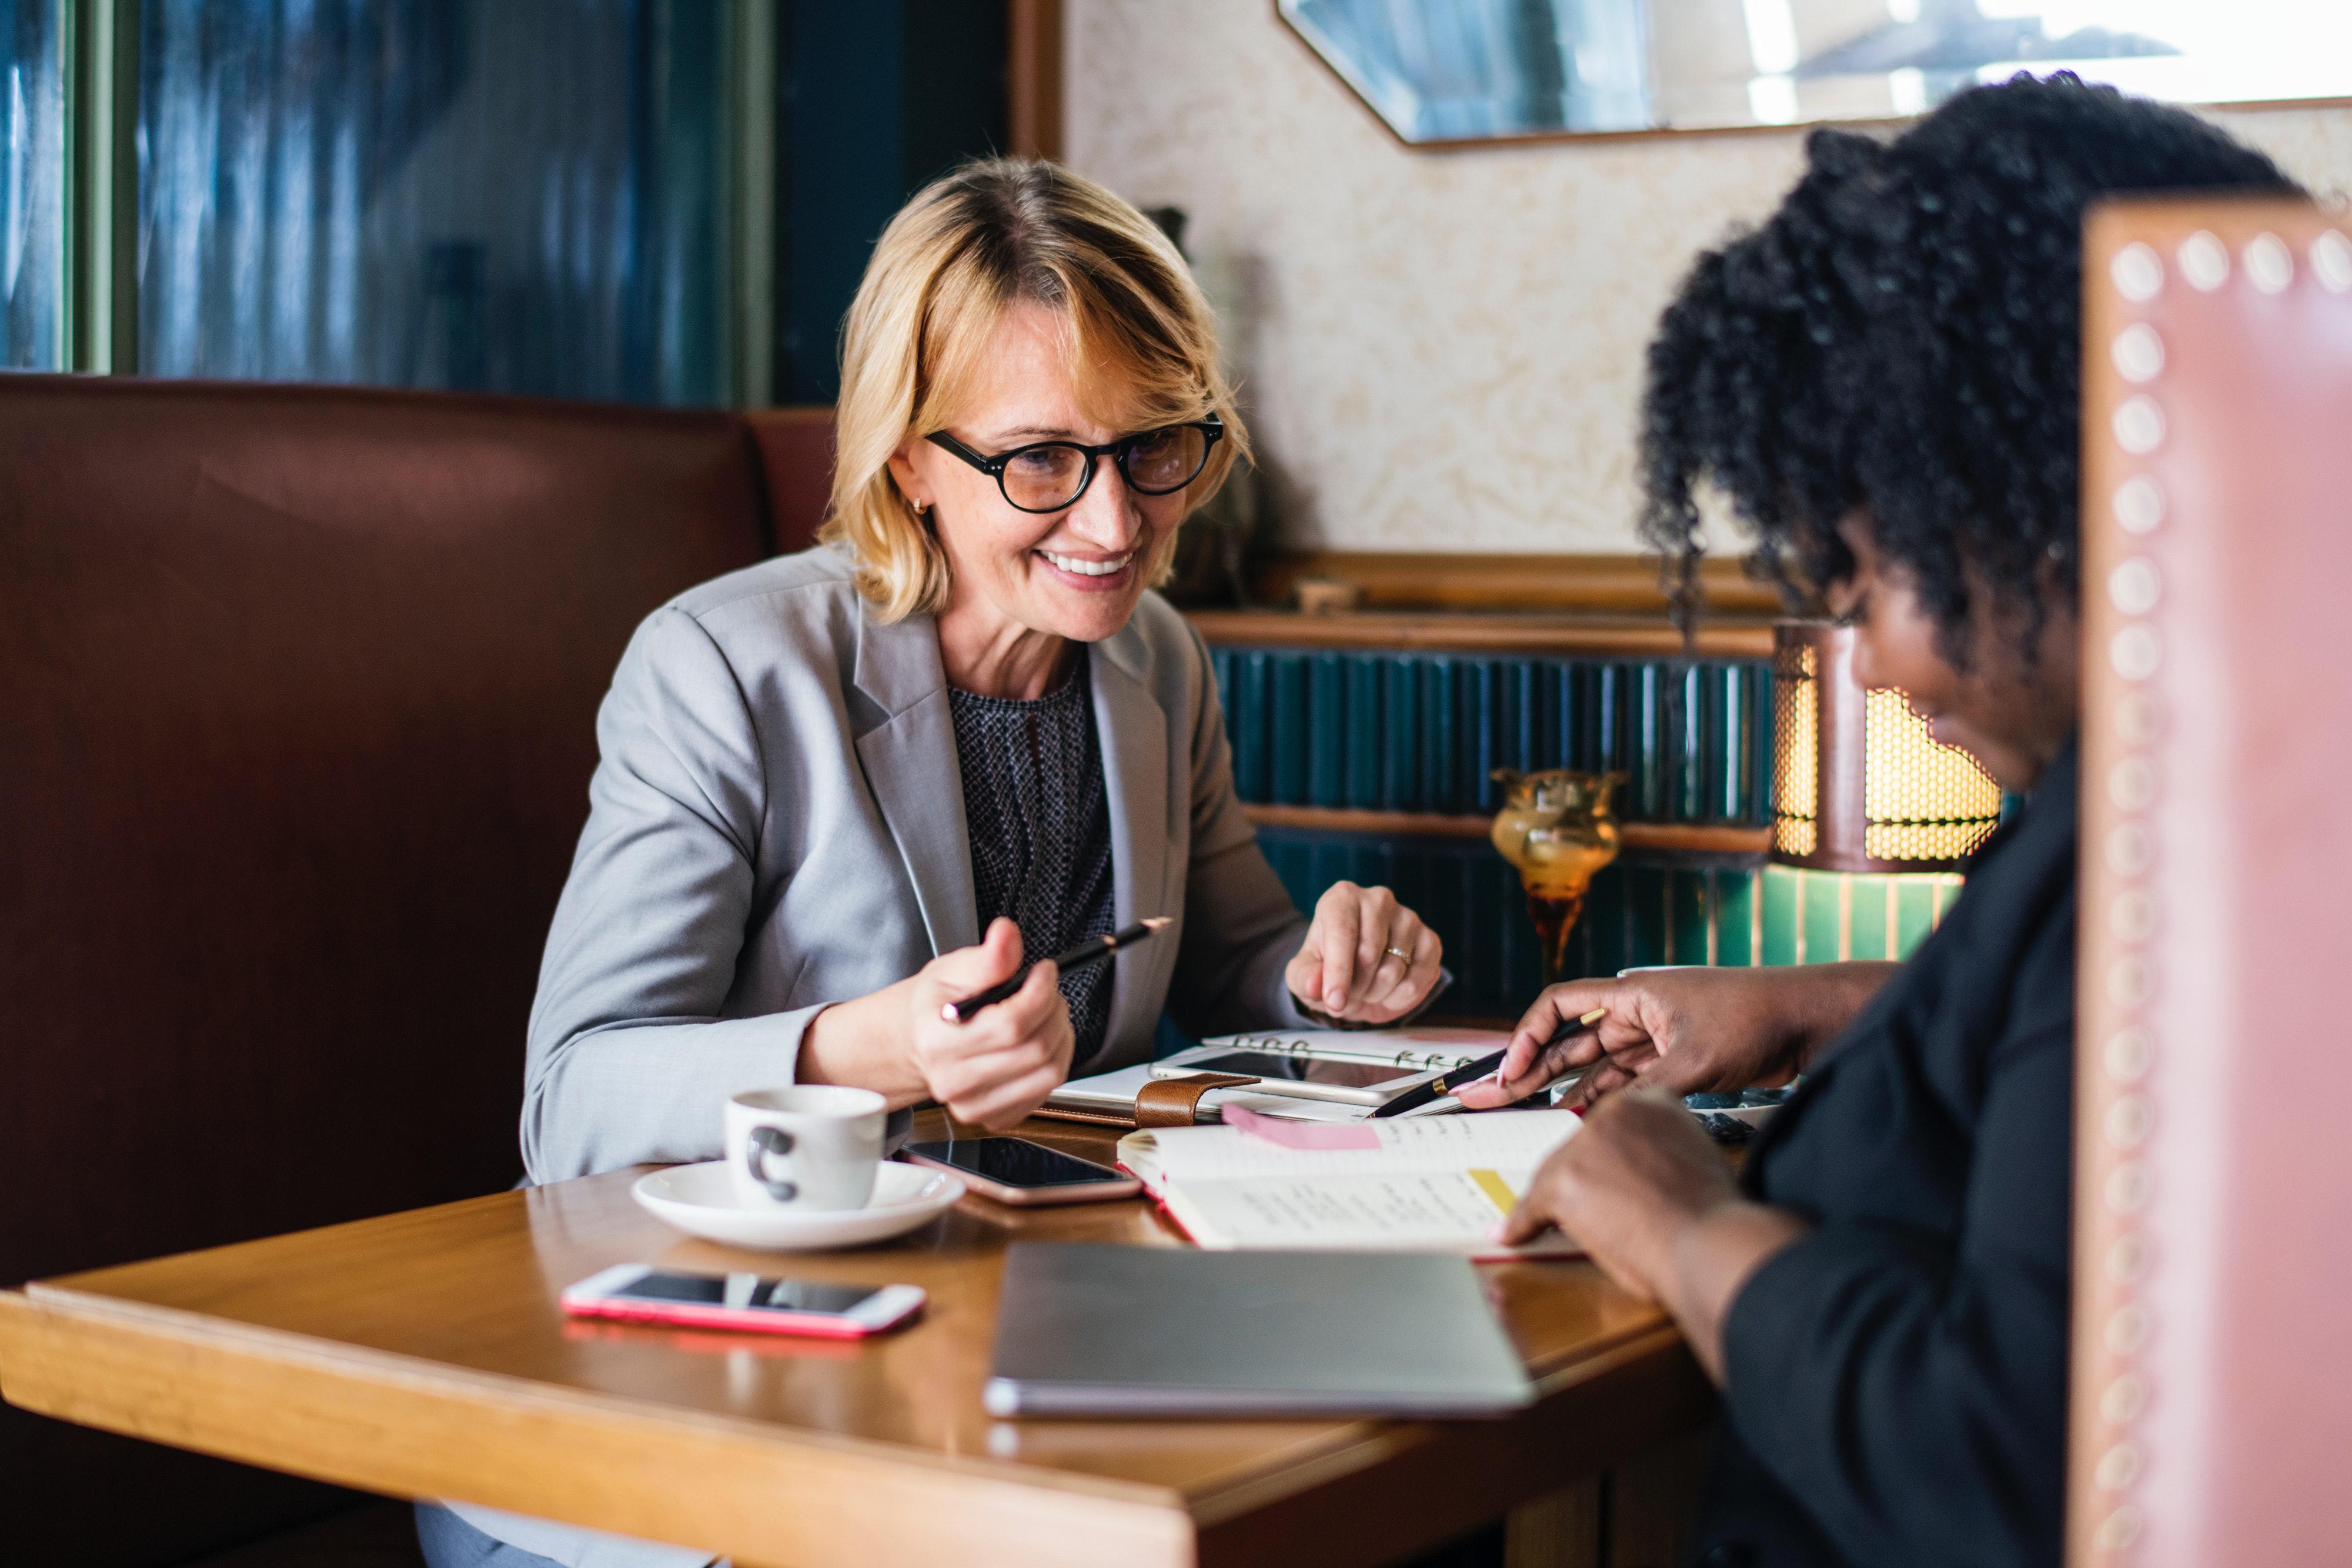 Spese legali: quanto costa un avvocato?